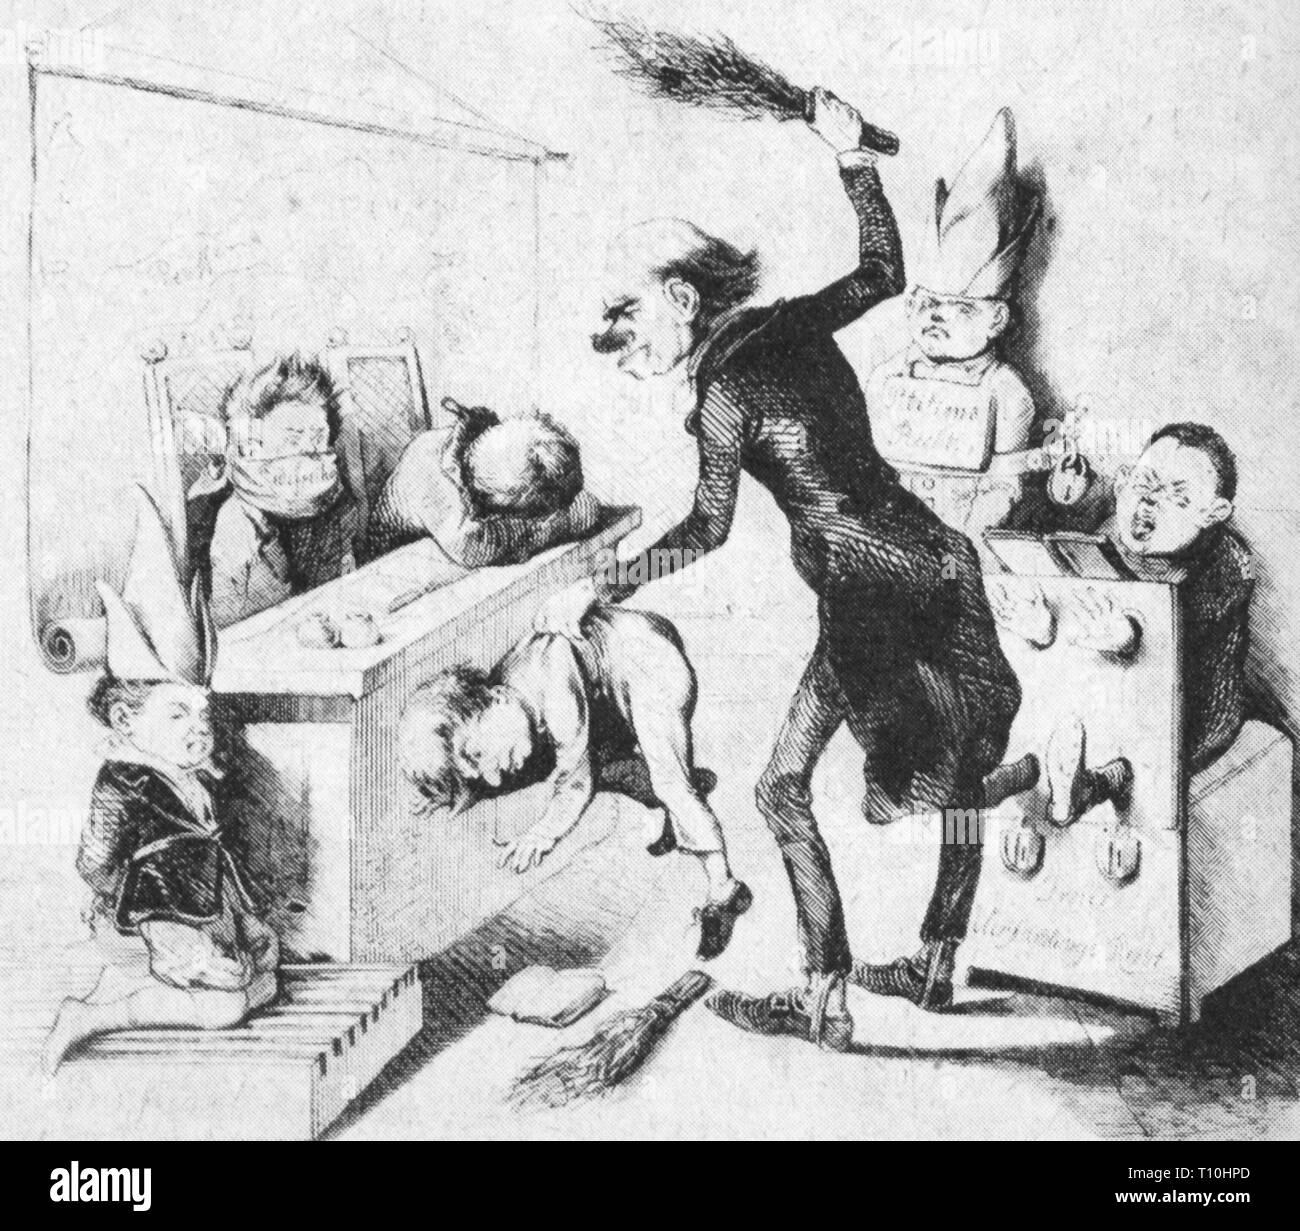 """Eventi, giri 1848 - 1849, Germania, 'Die unartigen Kinder"""" (bambini cattivi), disegno, 1849, artista del diritto d'autore non deve essere cancellata Immagini Stock"""